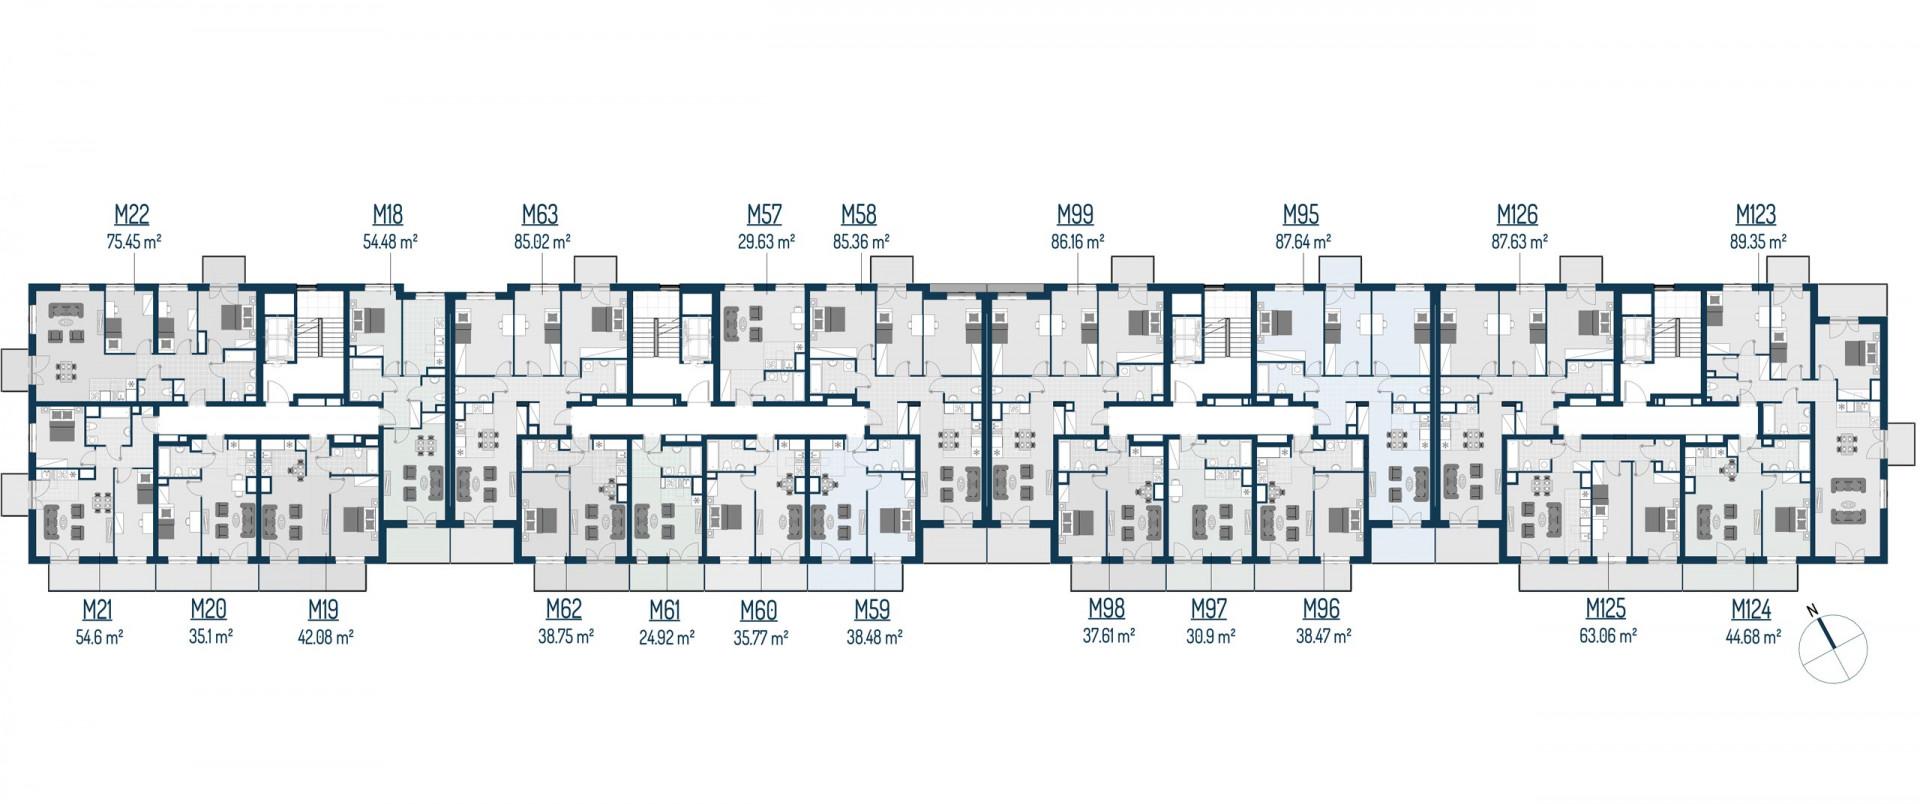 Zdrowe Stylove / budynek 2 / mieszkanie nr 126 rzut 2